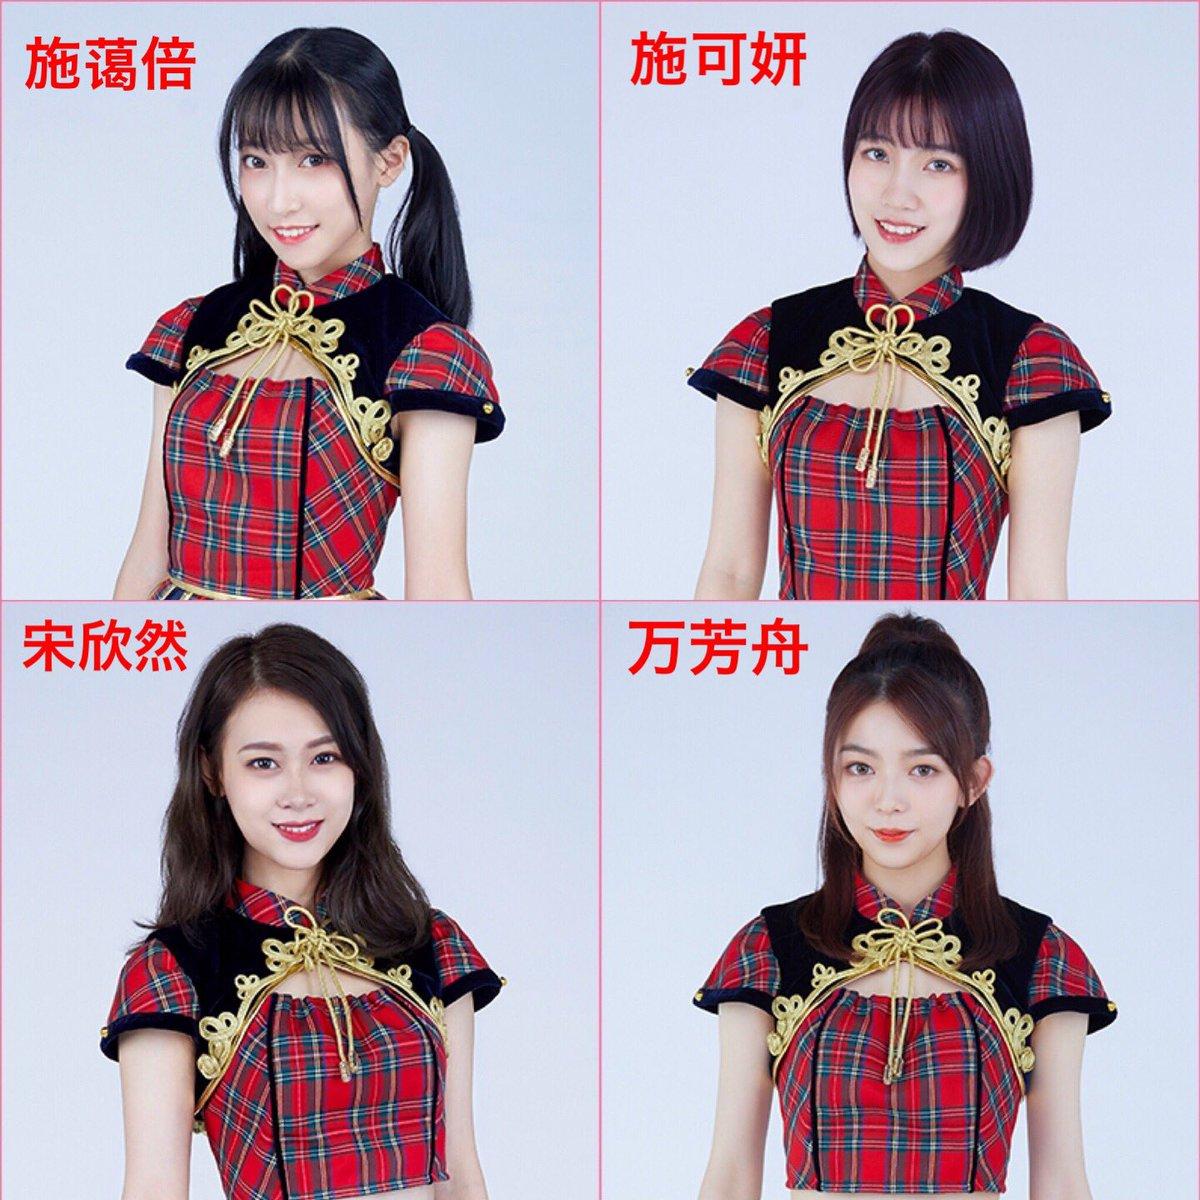 新型コロナウイルス拡散防止対策で上海姉妹グループ「Team SH」活動自粛を余儀なくされる!